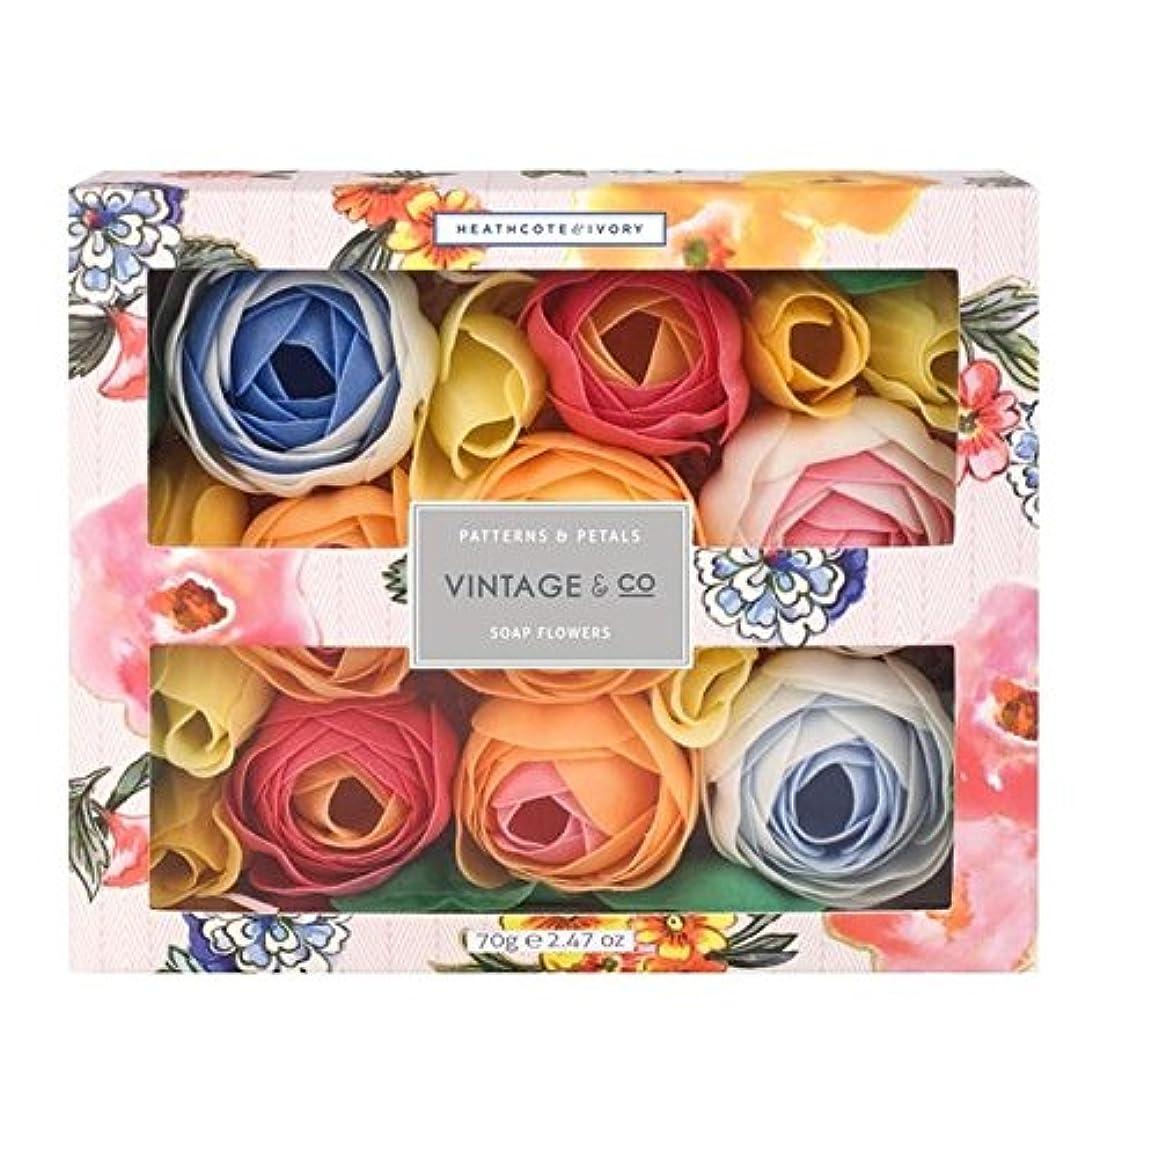 ポーズバスタブ議会Heathcote & Ivory Patterns & Petals Soap Flowers 70g (Pack of 6) - ヒースコート&アイボリーパターン&花びら石鹸の花70グラム x6 [並行輸入品]